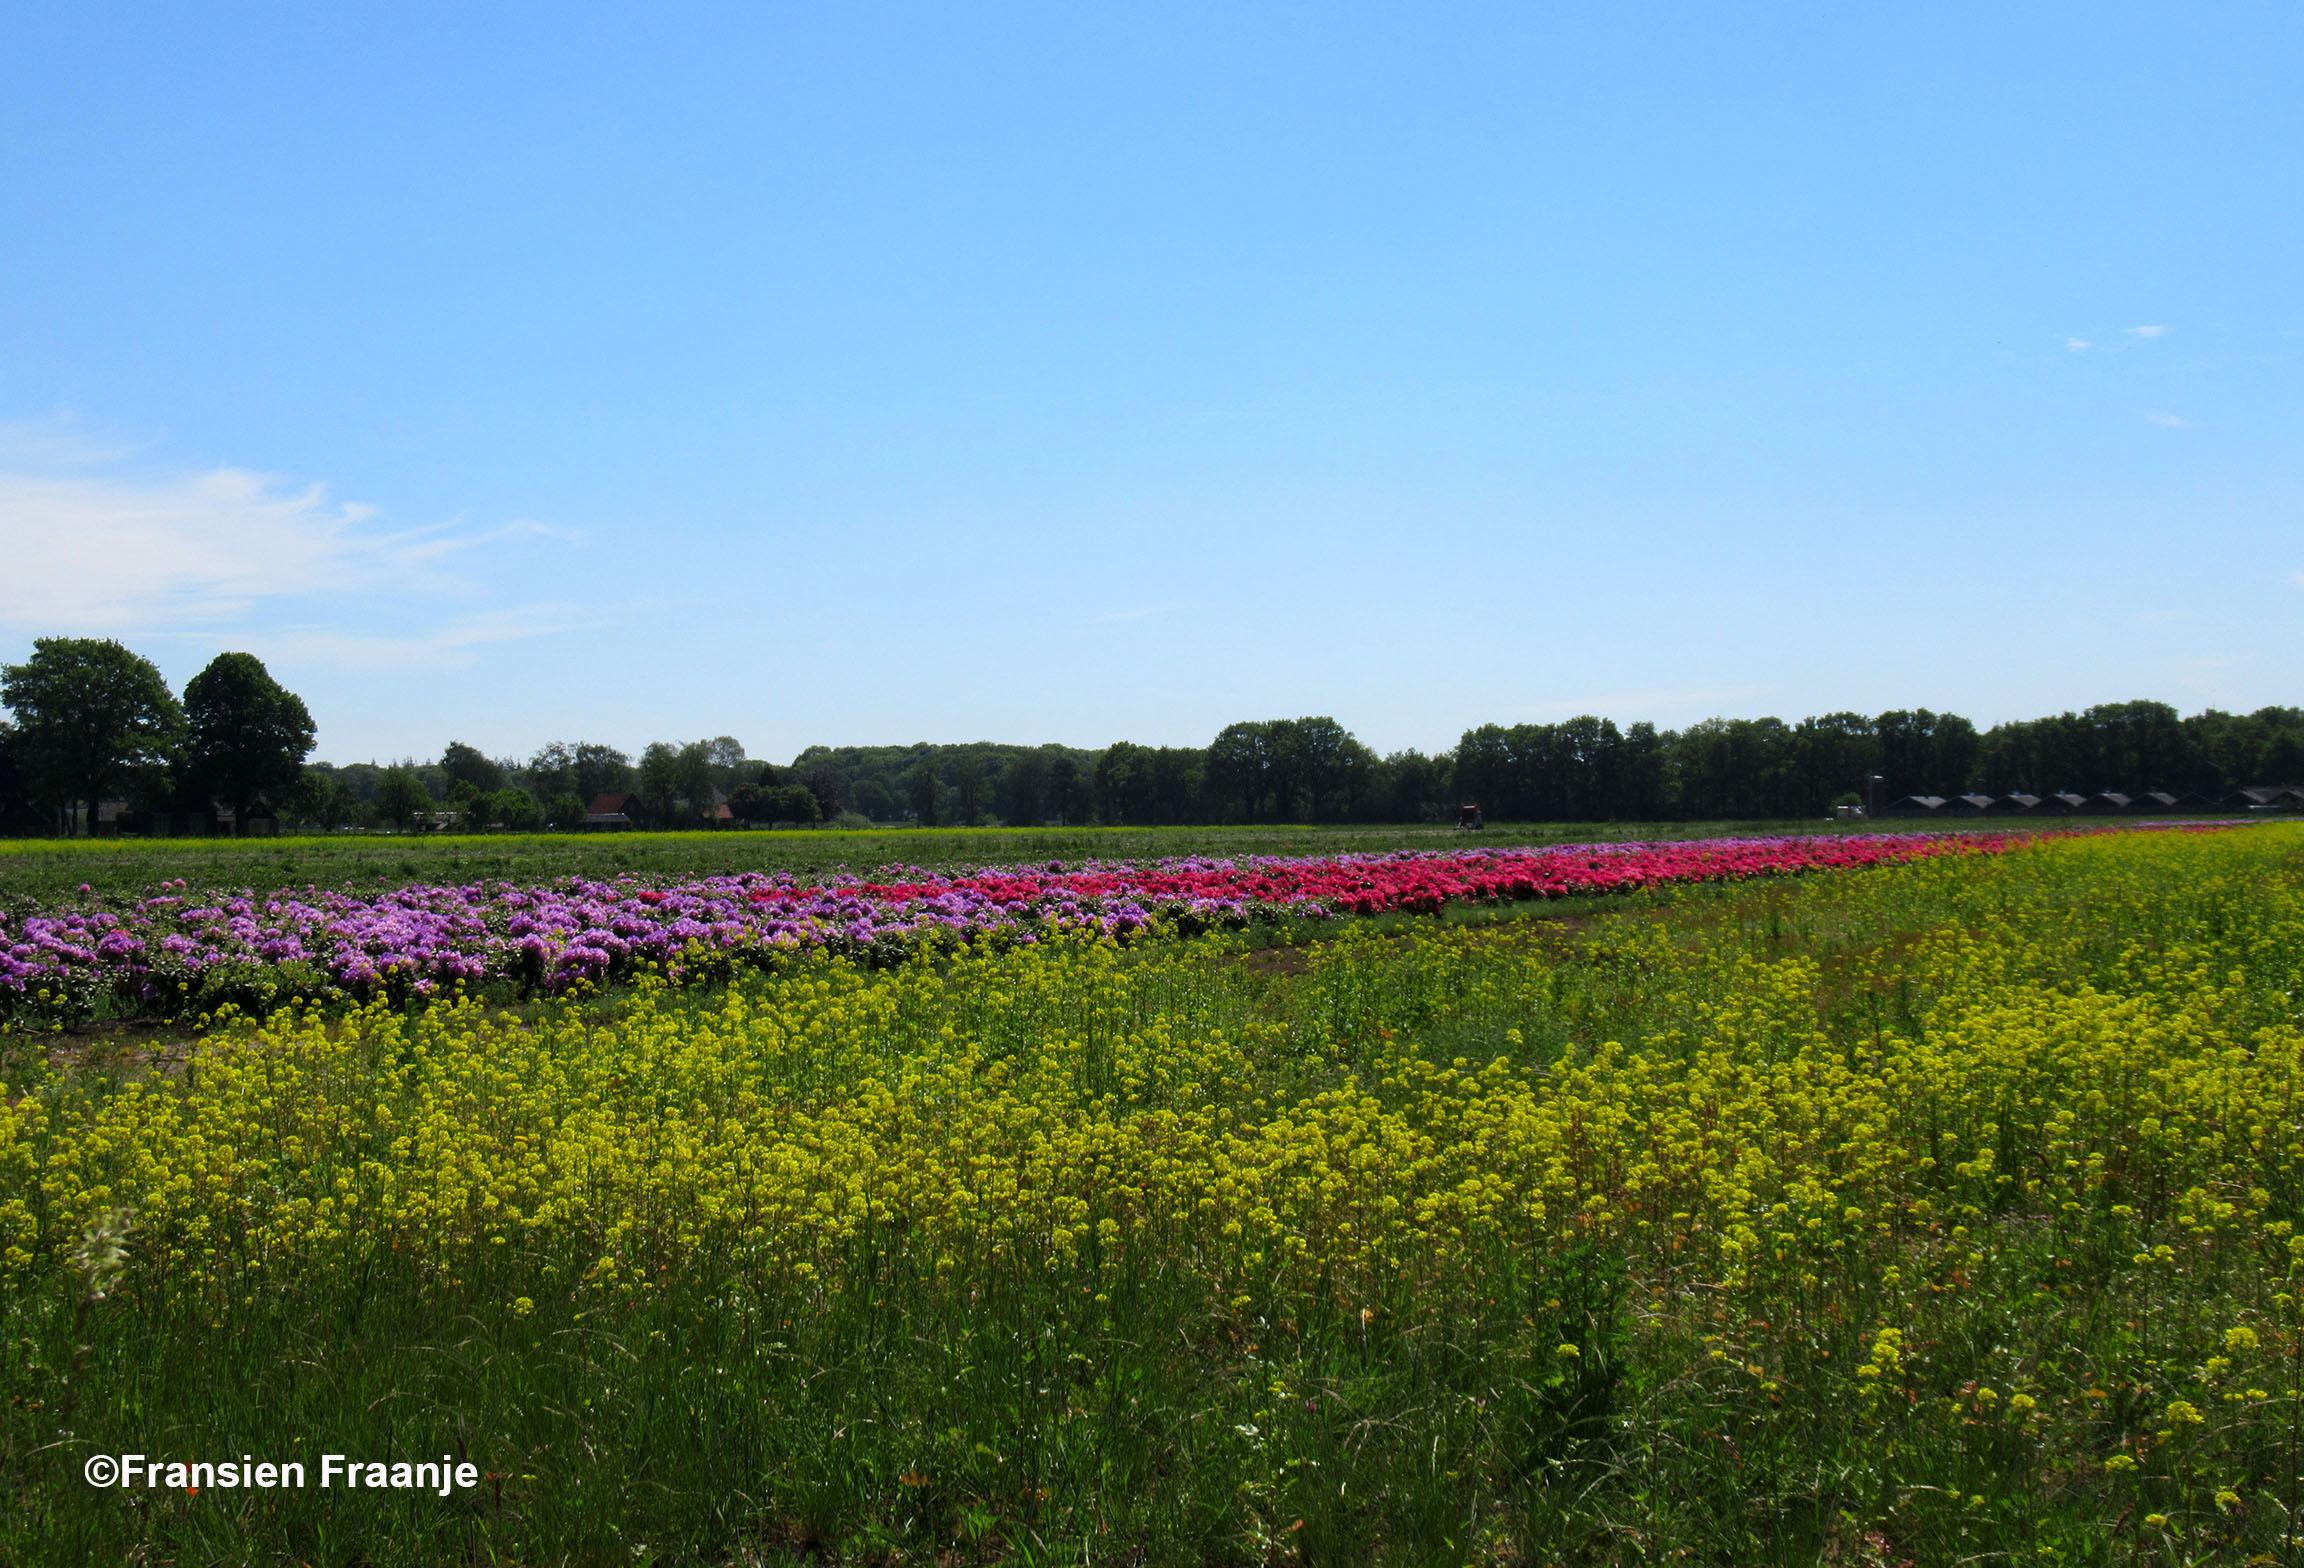 Prachtige kleuren op de akkers, met voor aan het gele Koolzaad en daarachter de rhododendrons - Foto: ©Fransien Fraanje